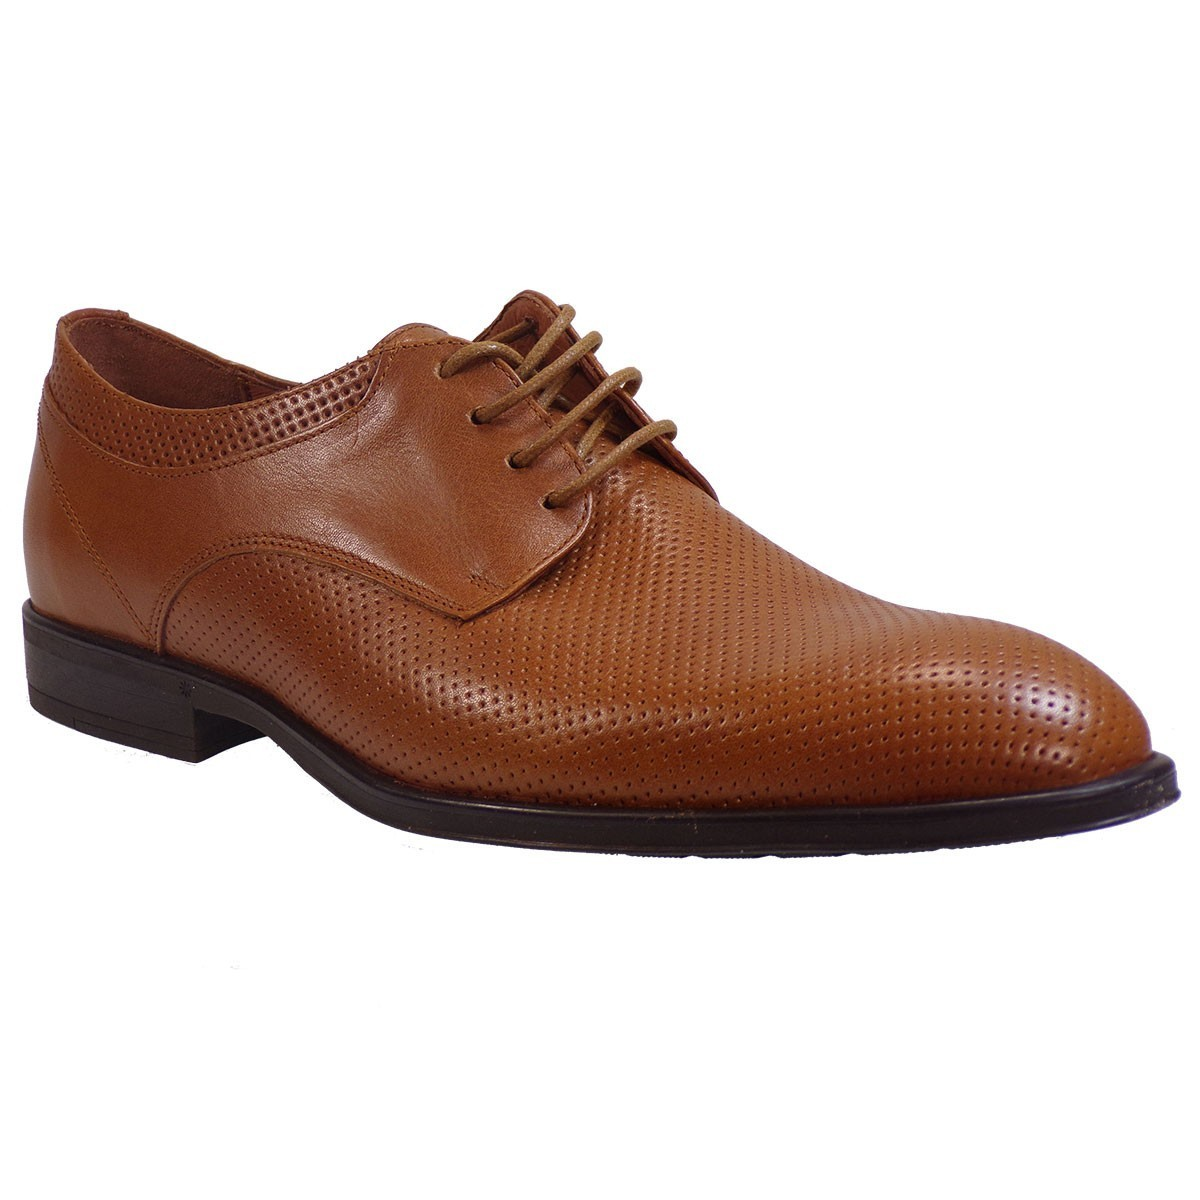 kricket Ανδρικά Παπούτσια 600Λ Ταμπά Δέρμα